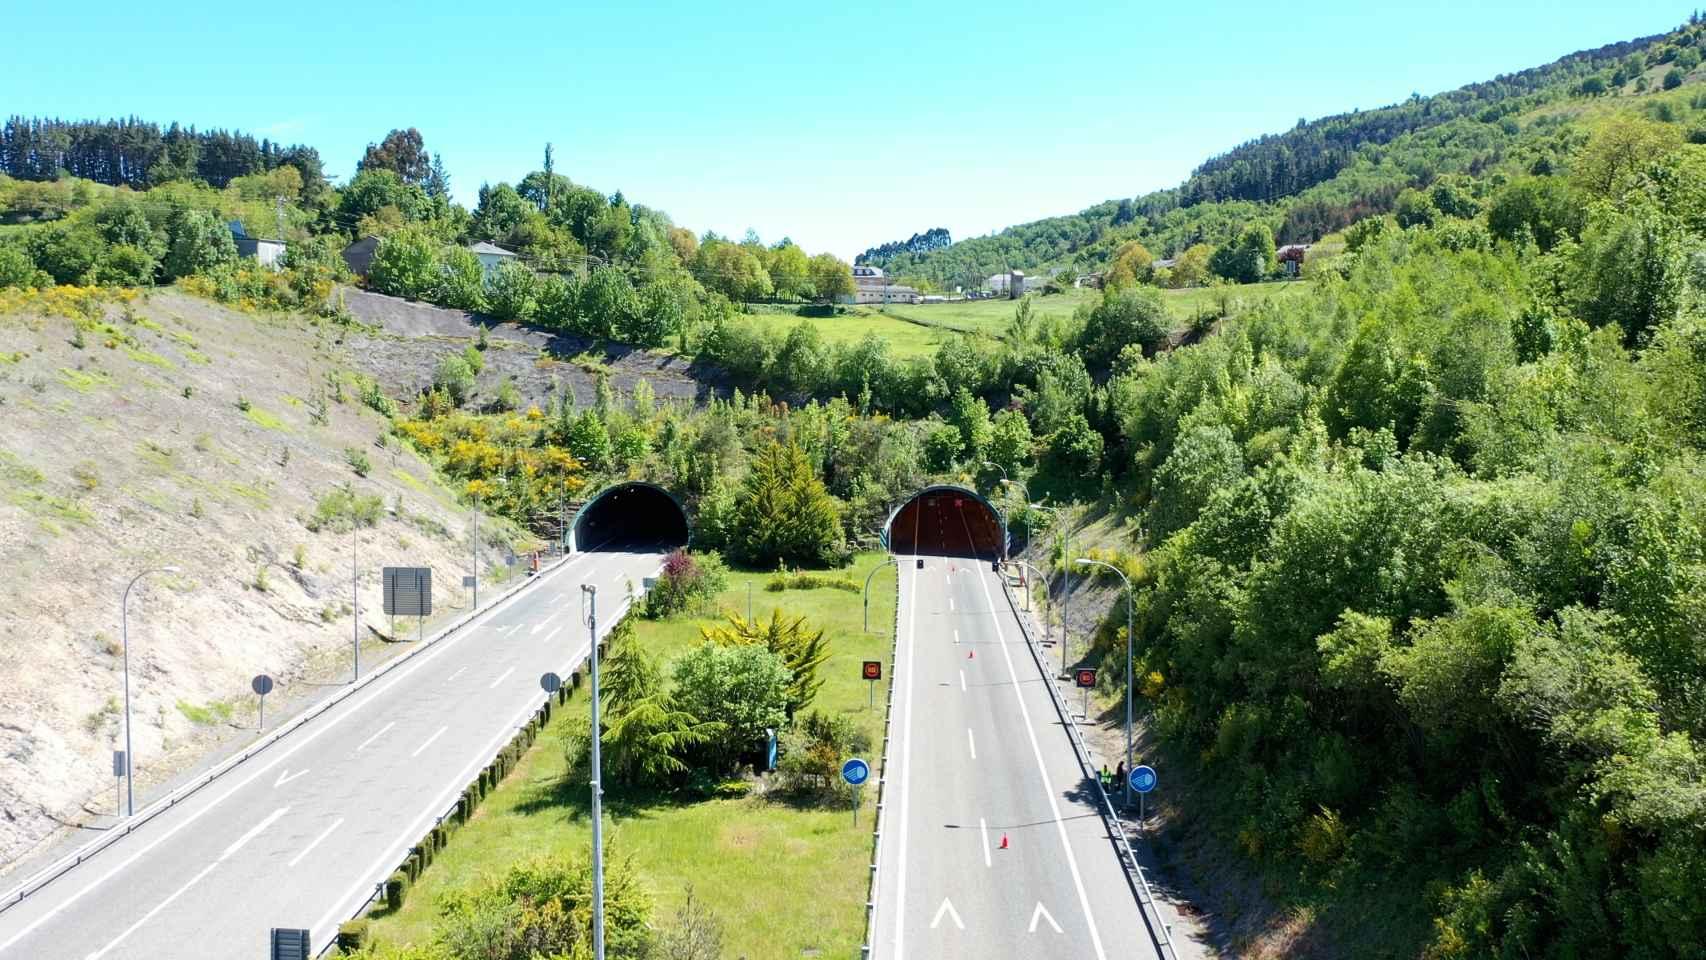 Entrada al túnel de Cereixal en la provincia de Lugo.